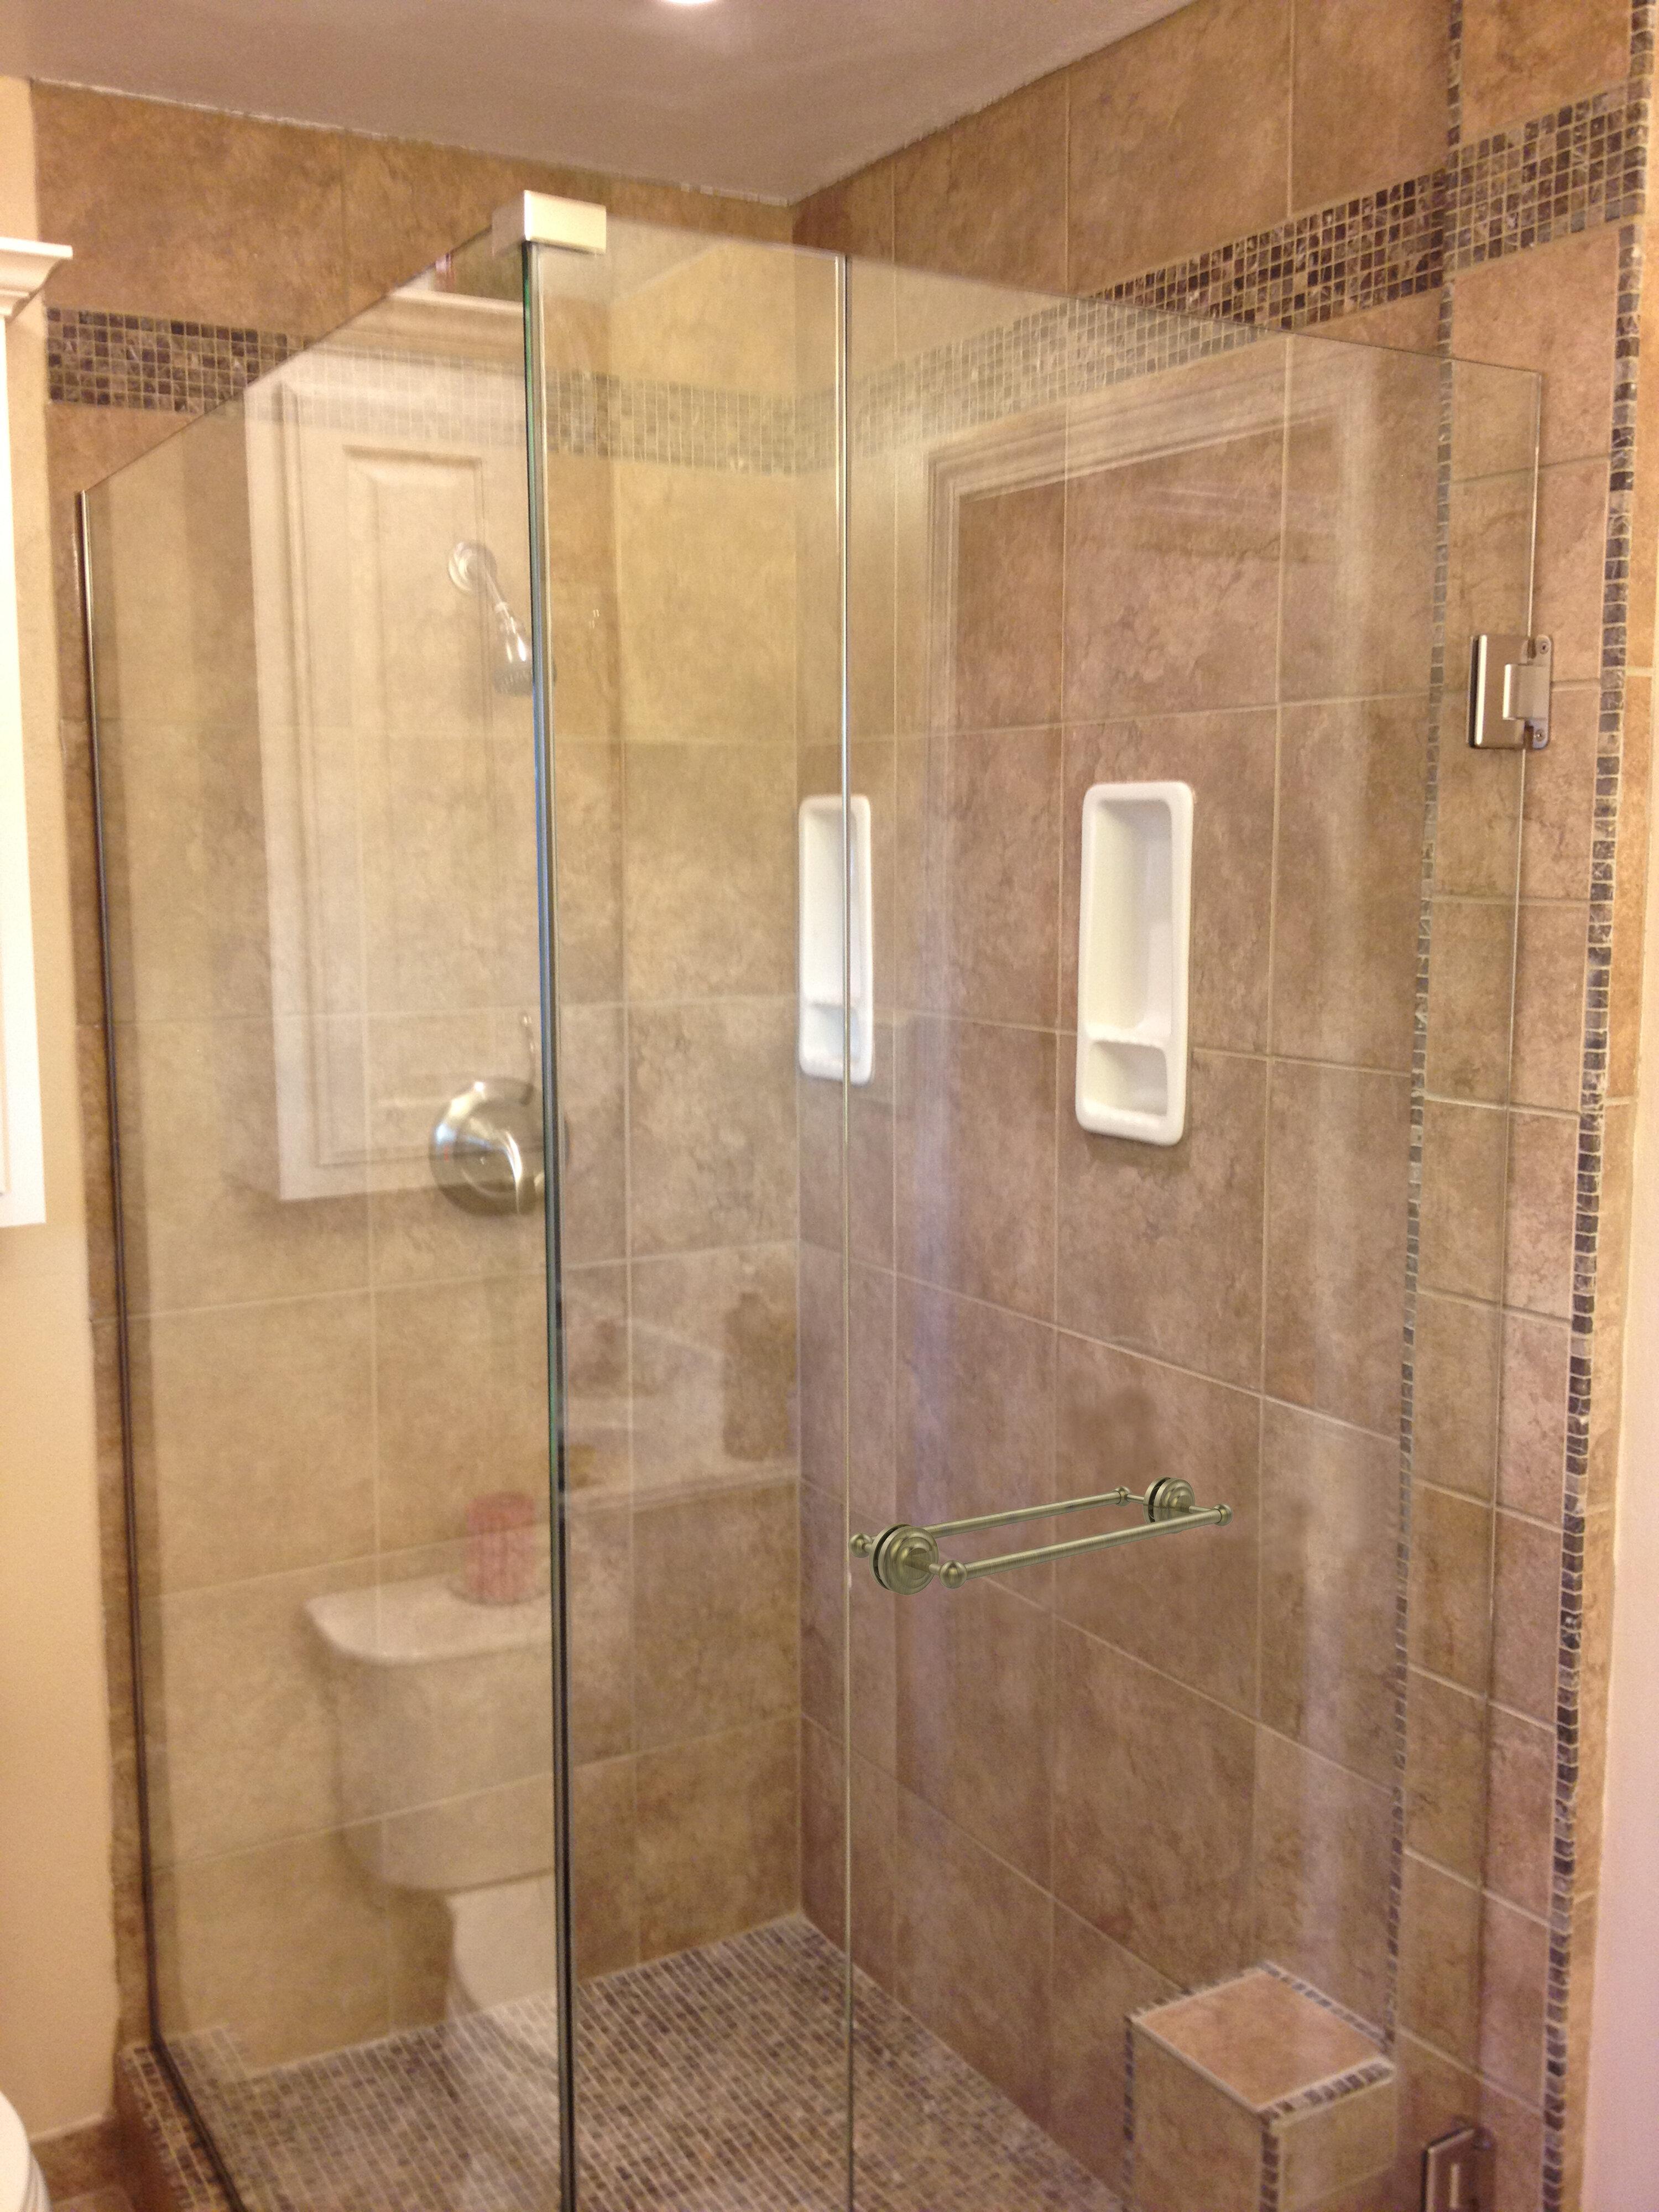 Allied Brass Que New Wall Mounted Towel Bar Wayfair